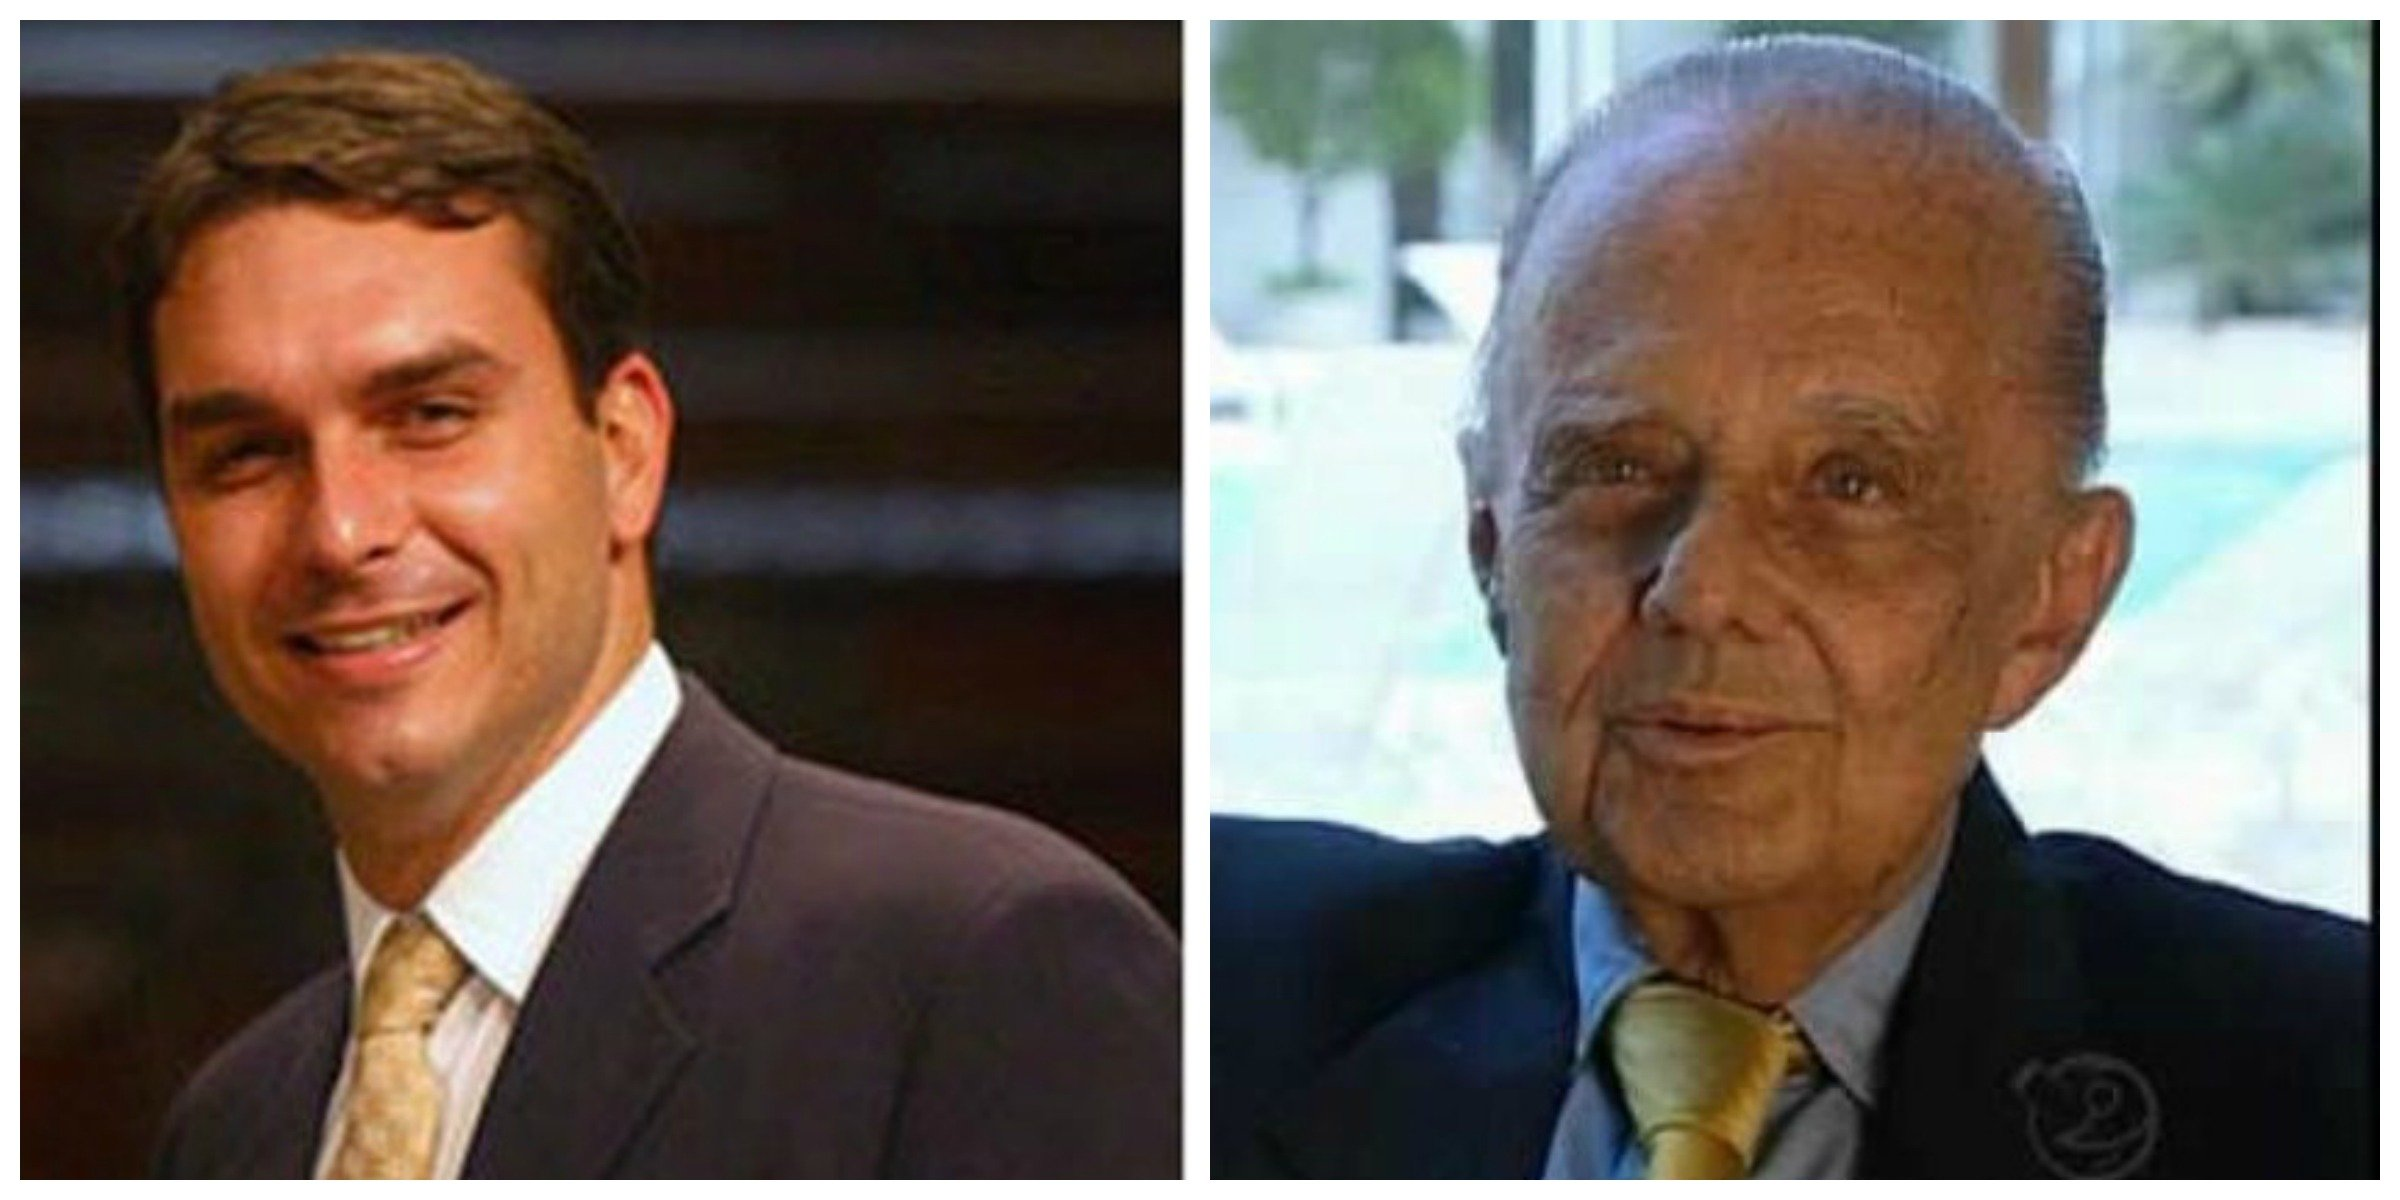 O deputado Flávio Bolsonaro presta homenagem na Alerj, quinta-feira, à memória de Jorginho Guinle / Foto: reprodução da internet